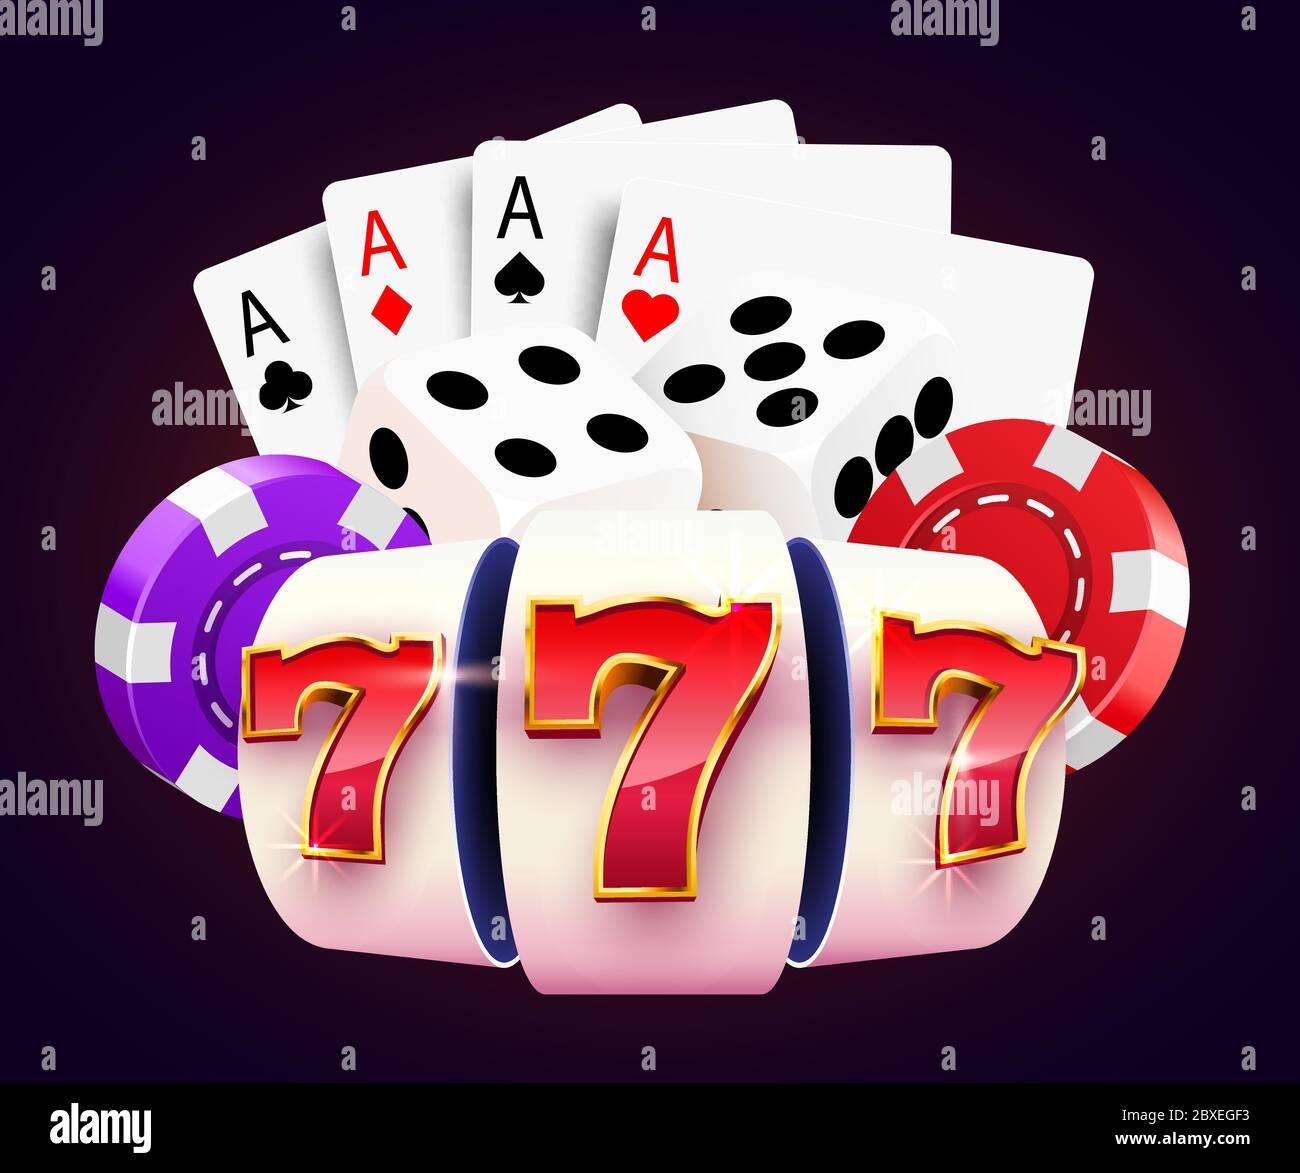 Казино а 777 онлайн казино можно выиграть